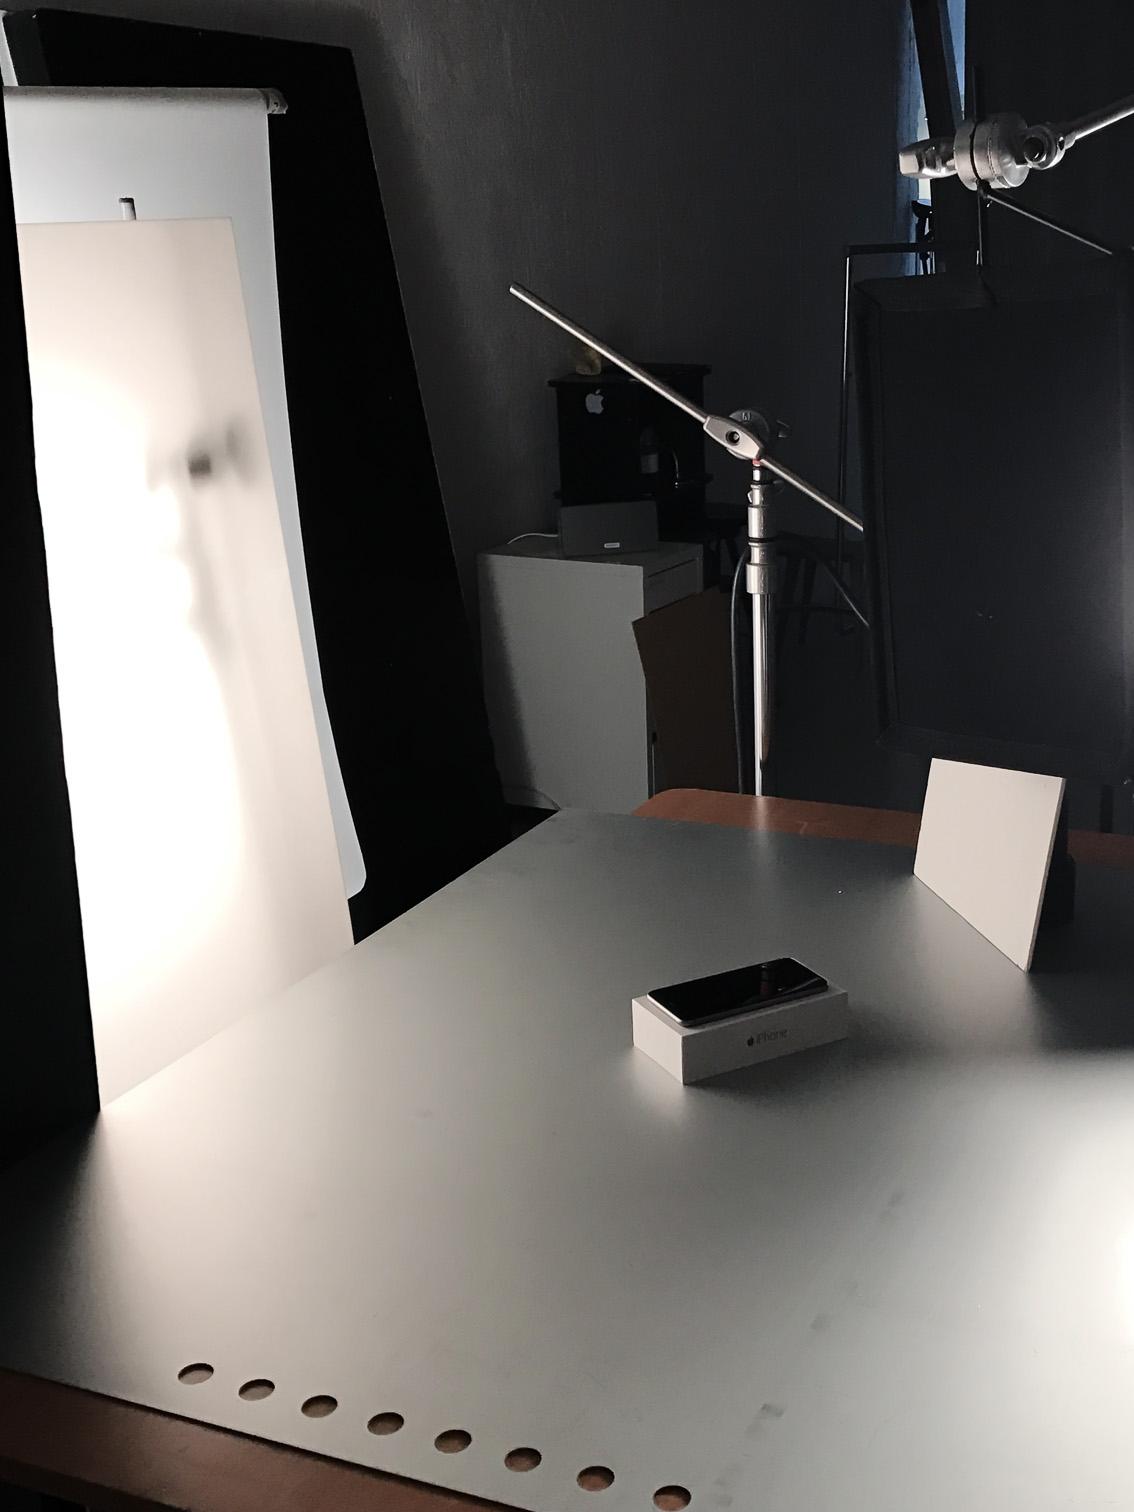 Kapaskiva studsar tillbaka ljus på produkten.